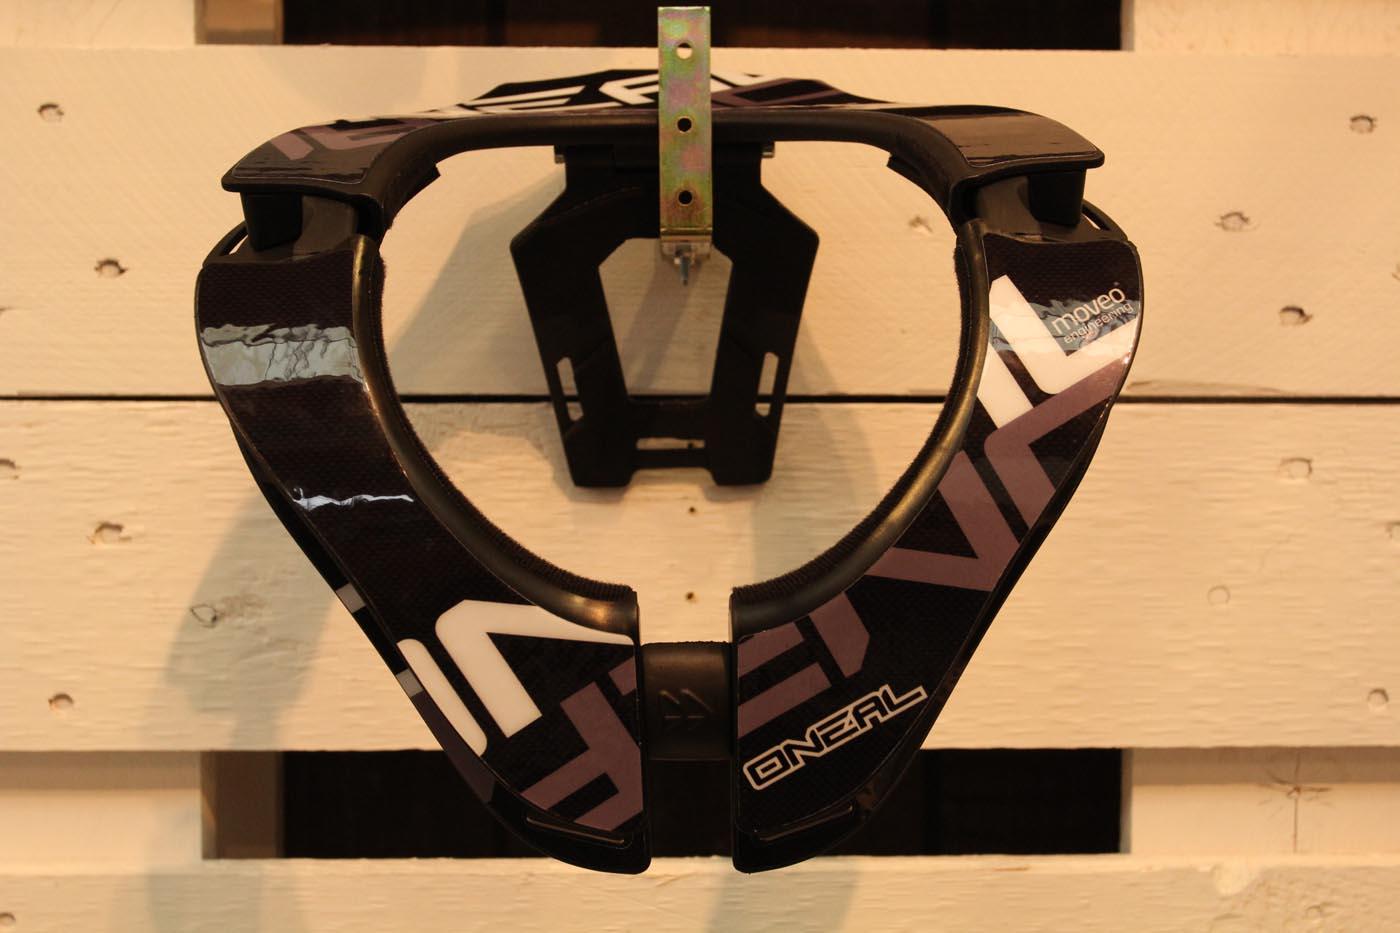 O'Neal Tron, das neue Neckbrace von O'Neal, das in Koop mit Moveo entstand. 289,90€, verfügbar ab Oktober